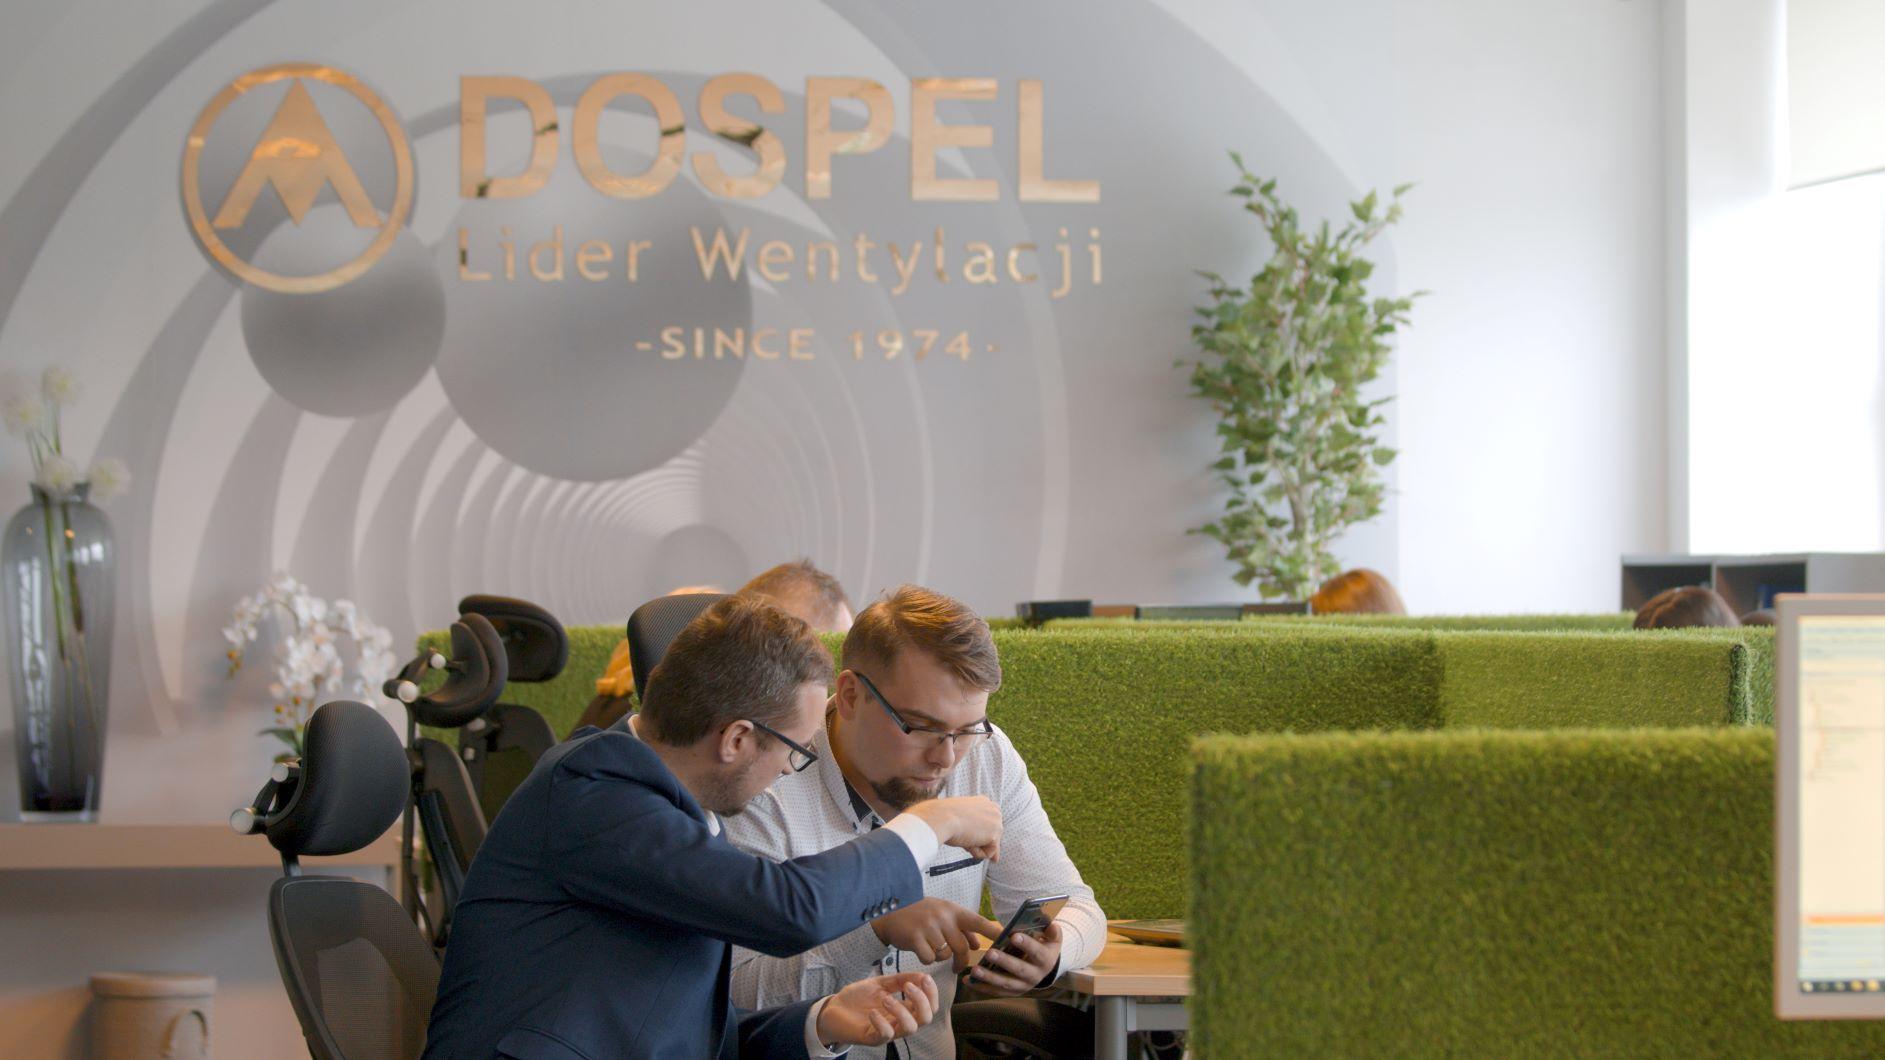 dospel, praca, lider wentylacji, biuro, pracownicy, wentylacja, wentylatory, handlowcy, przedstawiciele, miła atmosfera